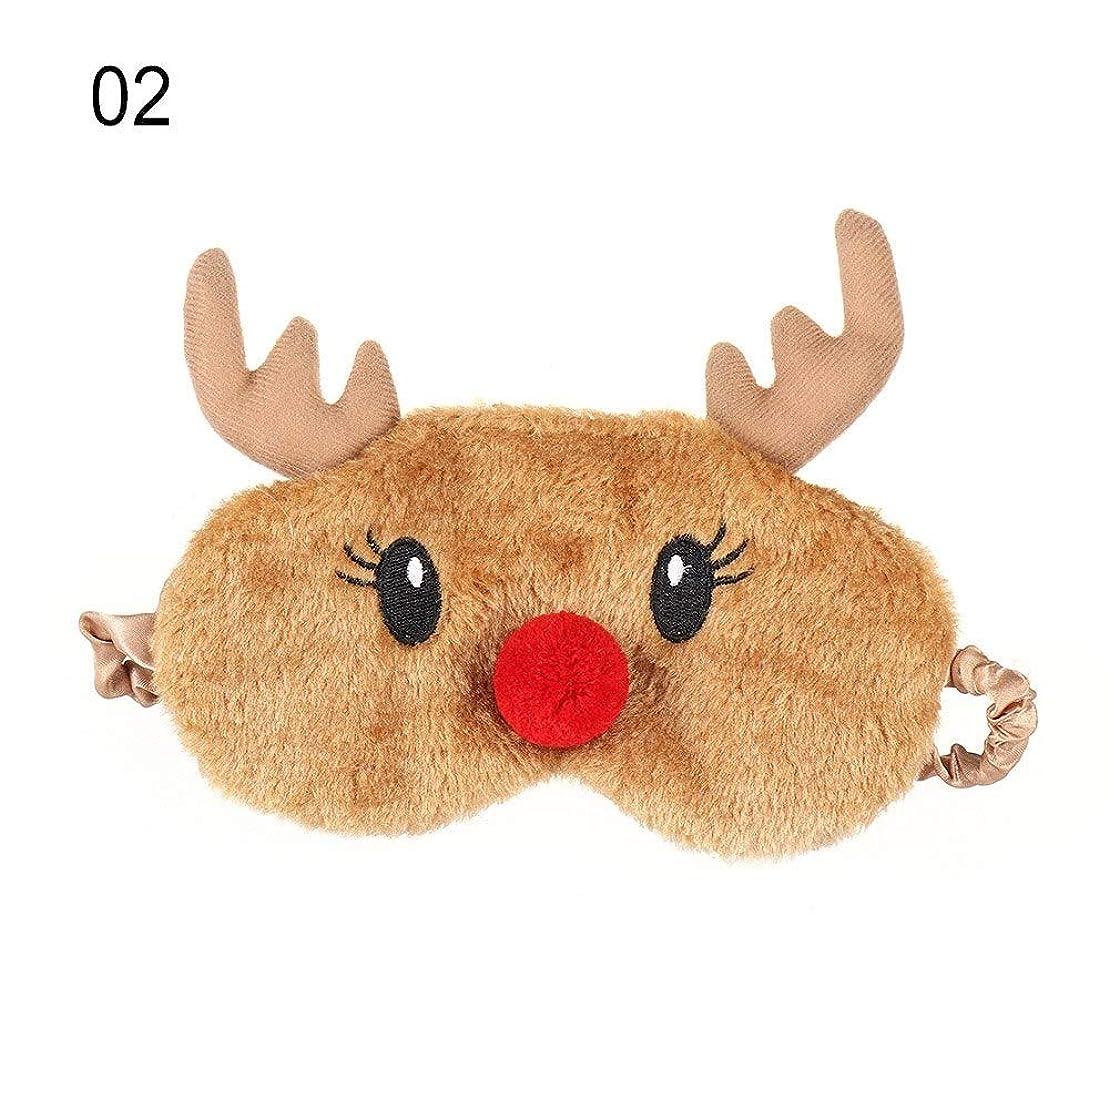 ラショナル降下弱いNOTE かわいいクリスマスプレゼント鹿アイカバーぬいぐるみ布ナチュラルスリーピングソフトアイマスクアイパッチ冬漫画昼寝アイシェード